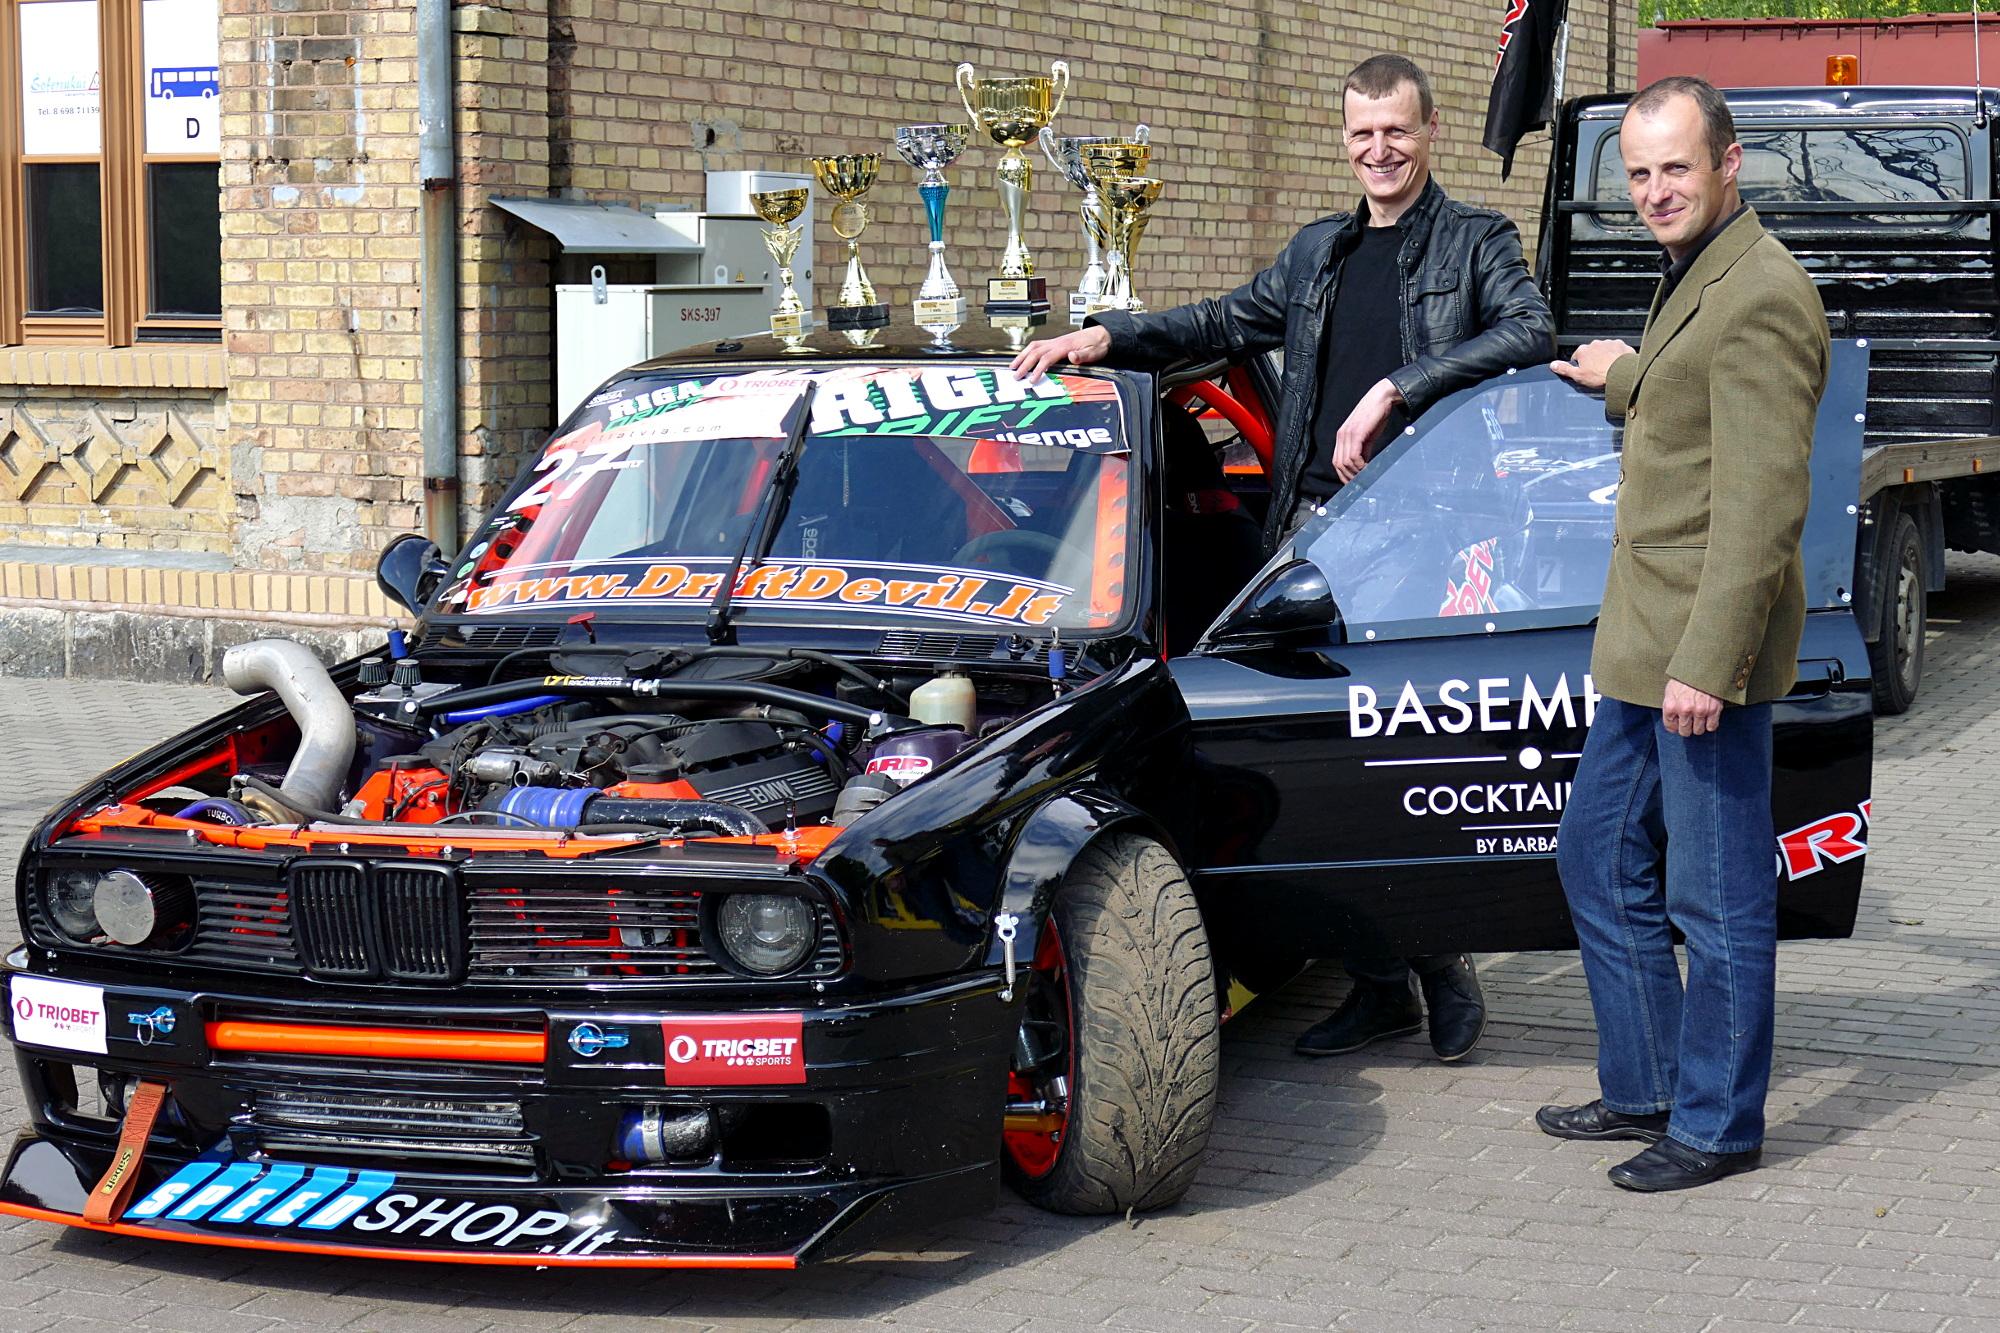 Iš kairės. Kęstutis Kelpša ir Simas Knapkis prie šonaslydžio varžyboms parengto automobilio, kuris išvysto apie 550 arklio galių.